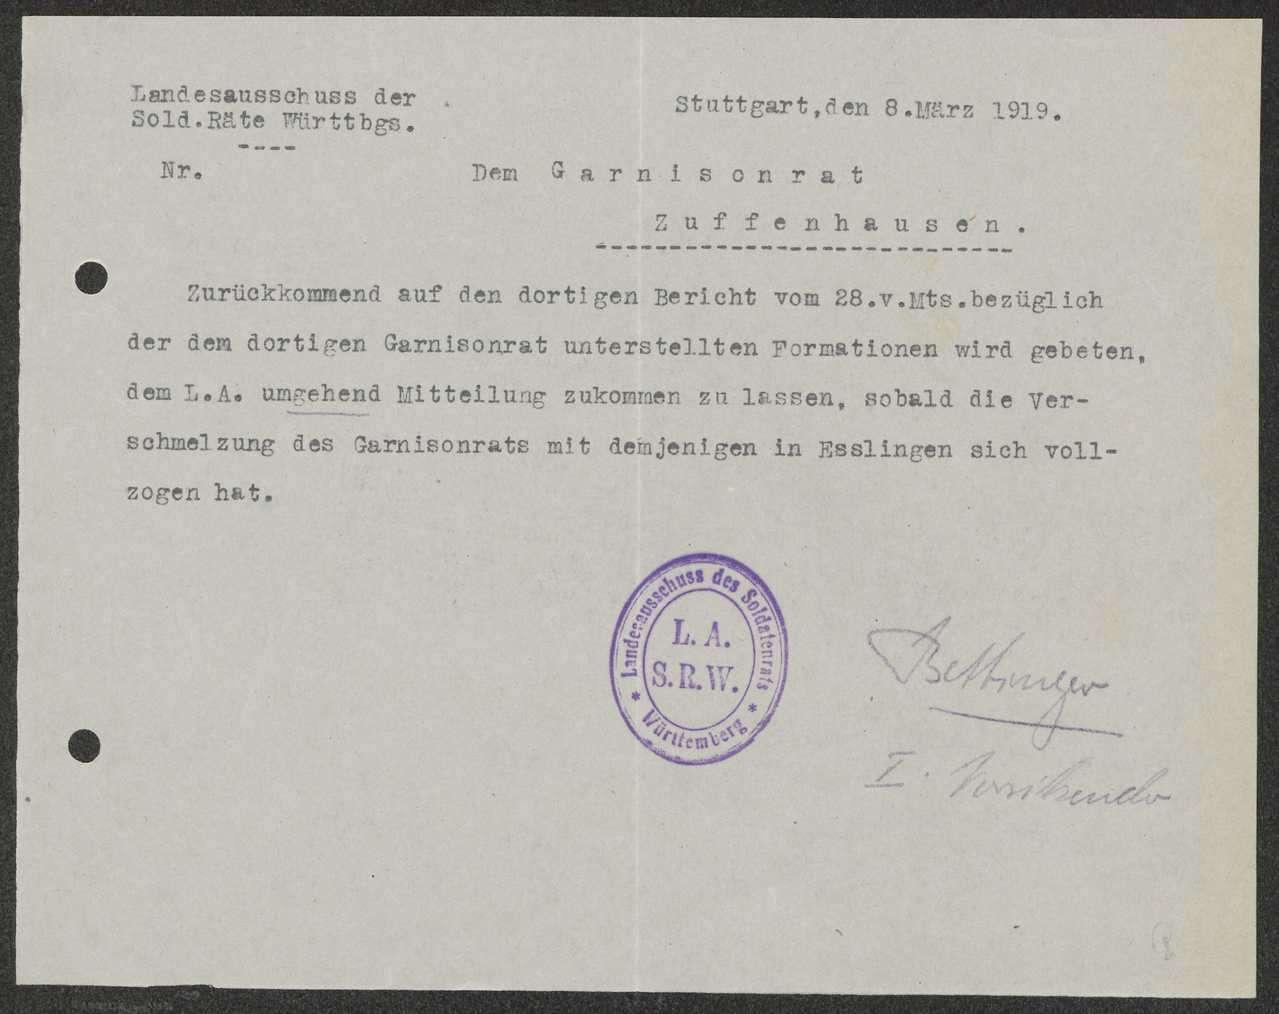 Unterstellung von Hirsau unter den Garnisonrat, Angriffe gegen den Garnisonratsvorsitzenden, Aufhebung des Garnisonrats Zuffenhausen, Bild 3